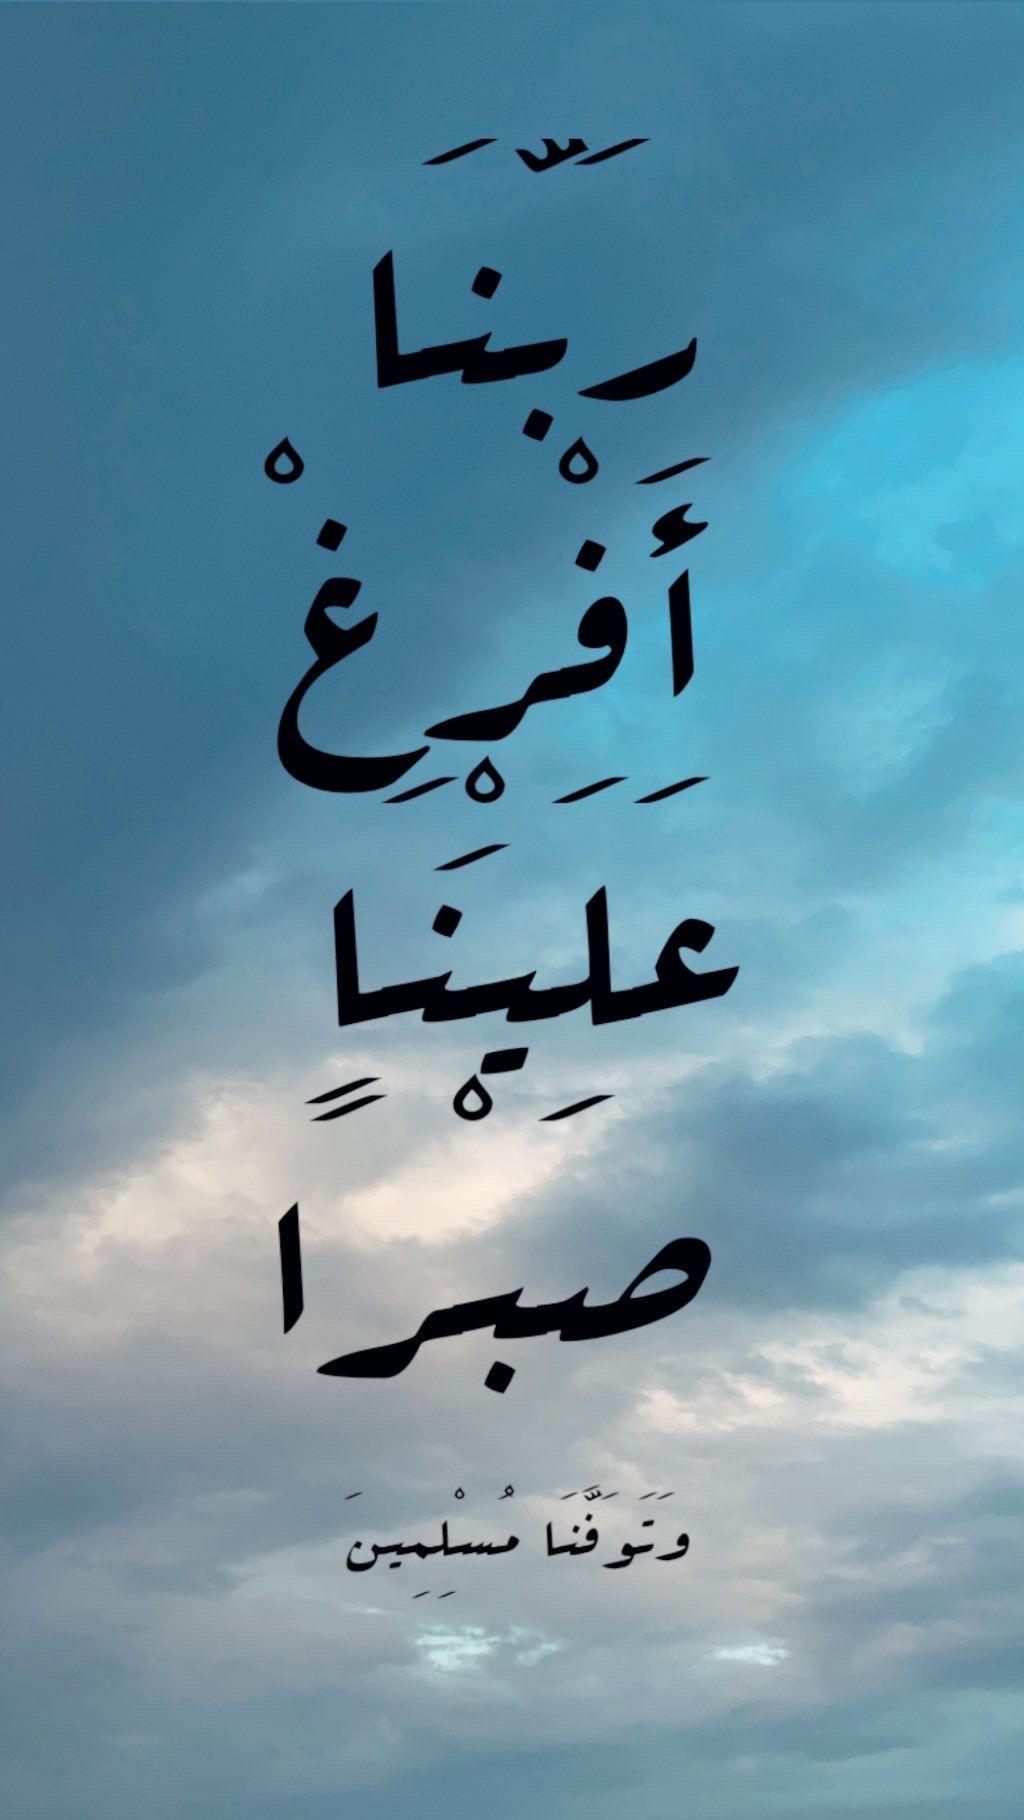 ربنا افرغ علينا صبرا وتوفنا مسلمين Arabic Calligraphy Calligraphy